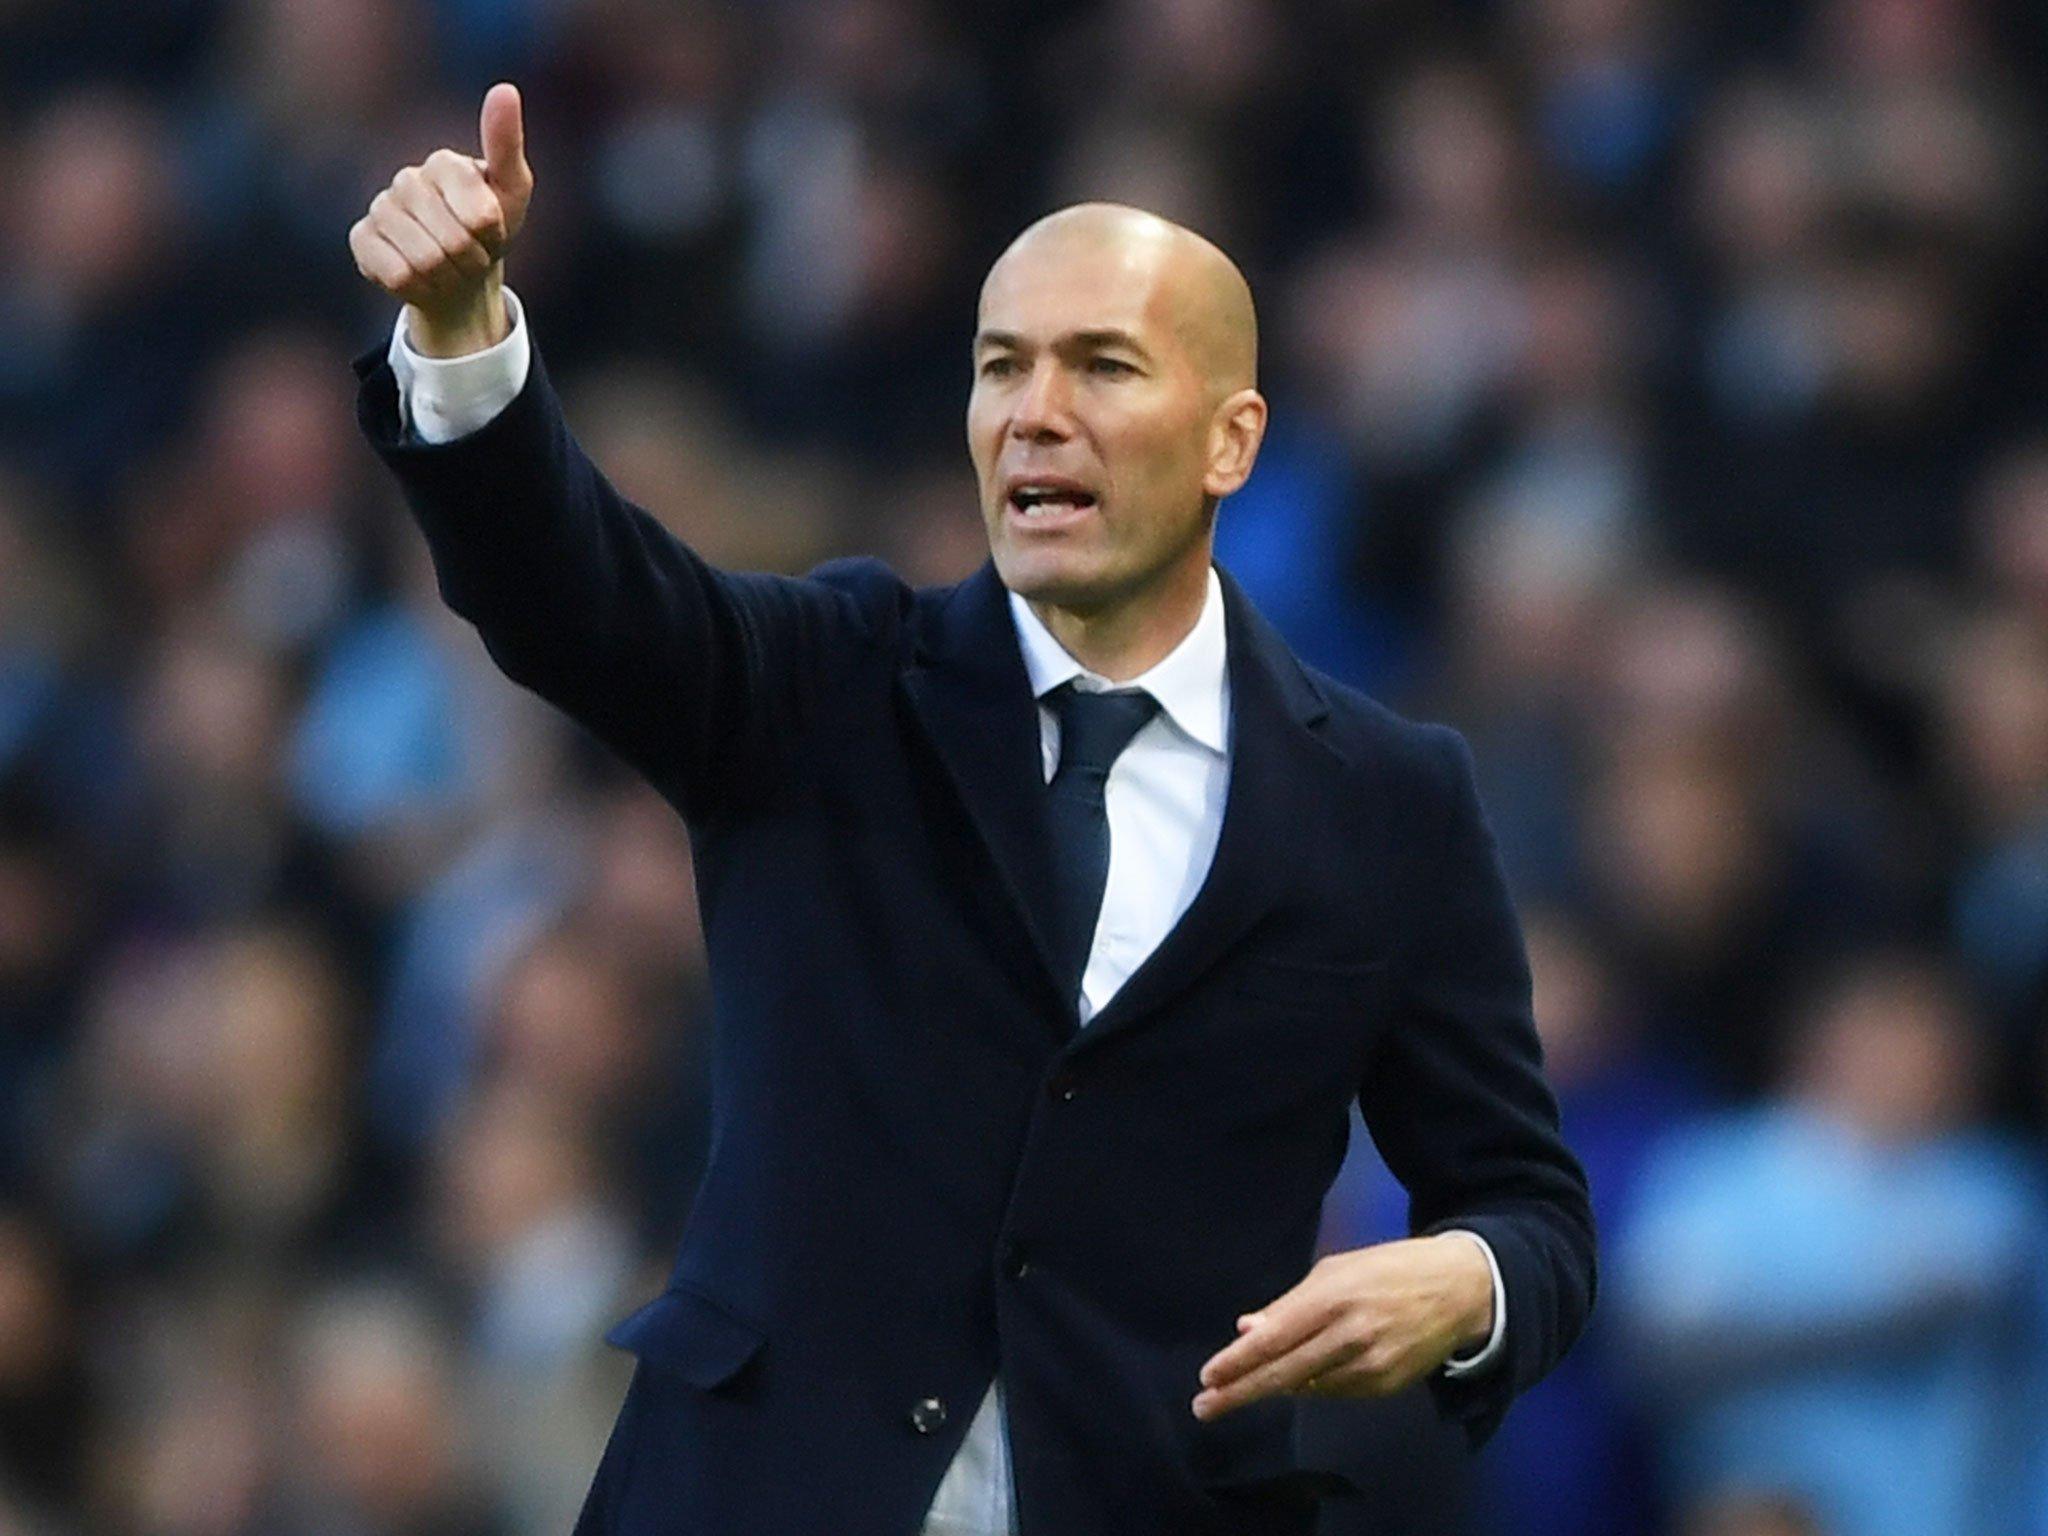 استقالة زيدان المدير الفني لنادي ريال مدريد